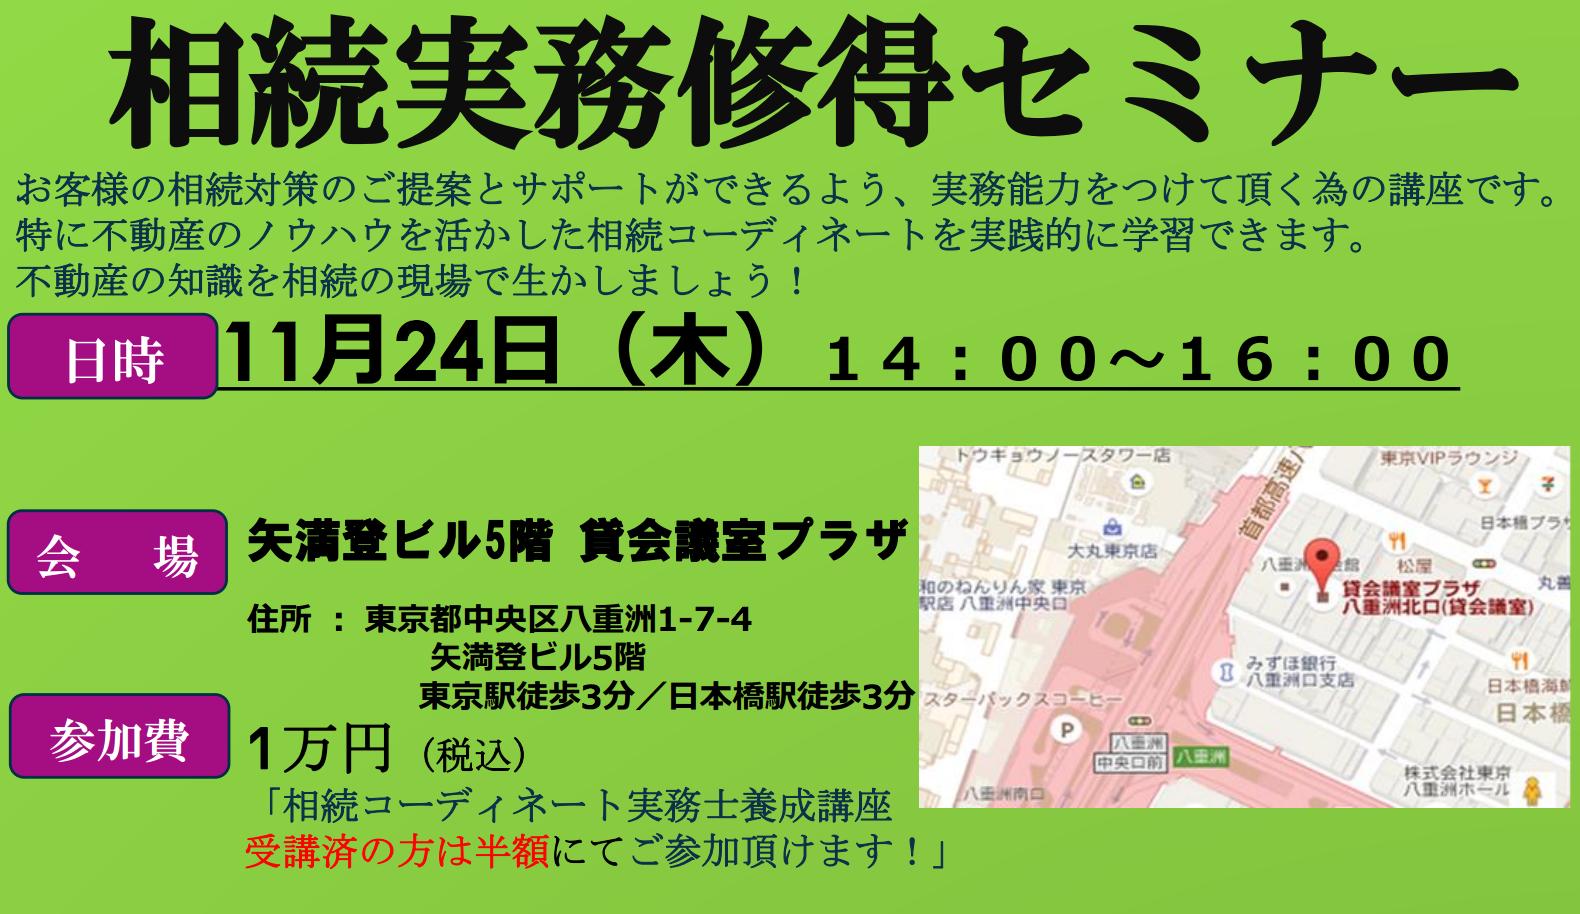 【セミナー】「相続実務修得セミナー」11月24日(木)14:00〜16:00開催